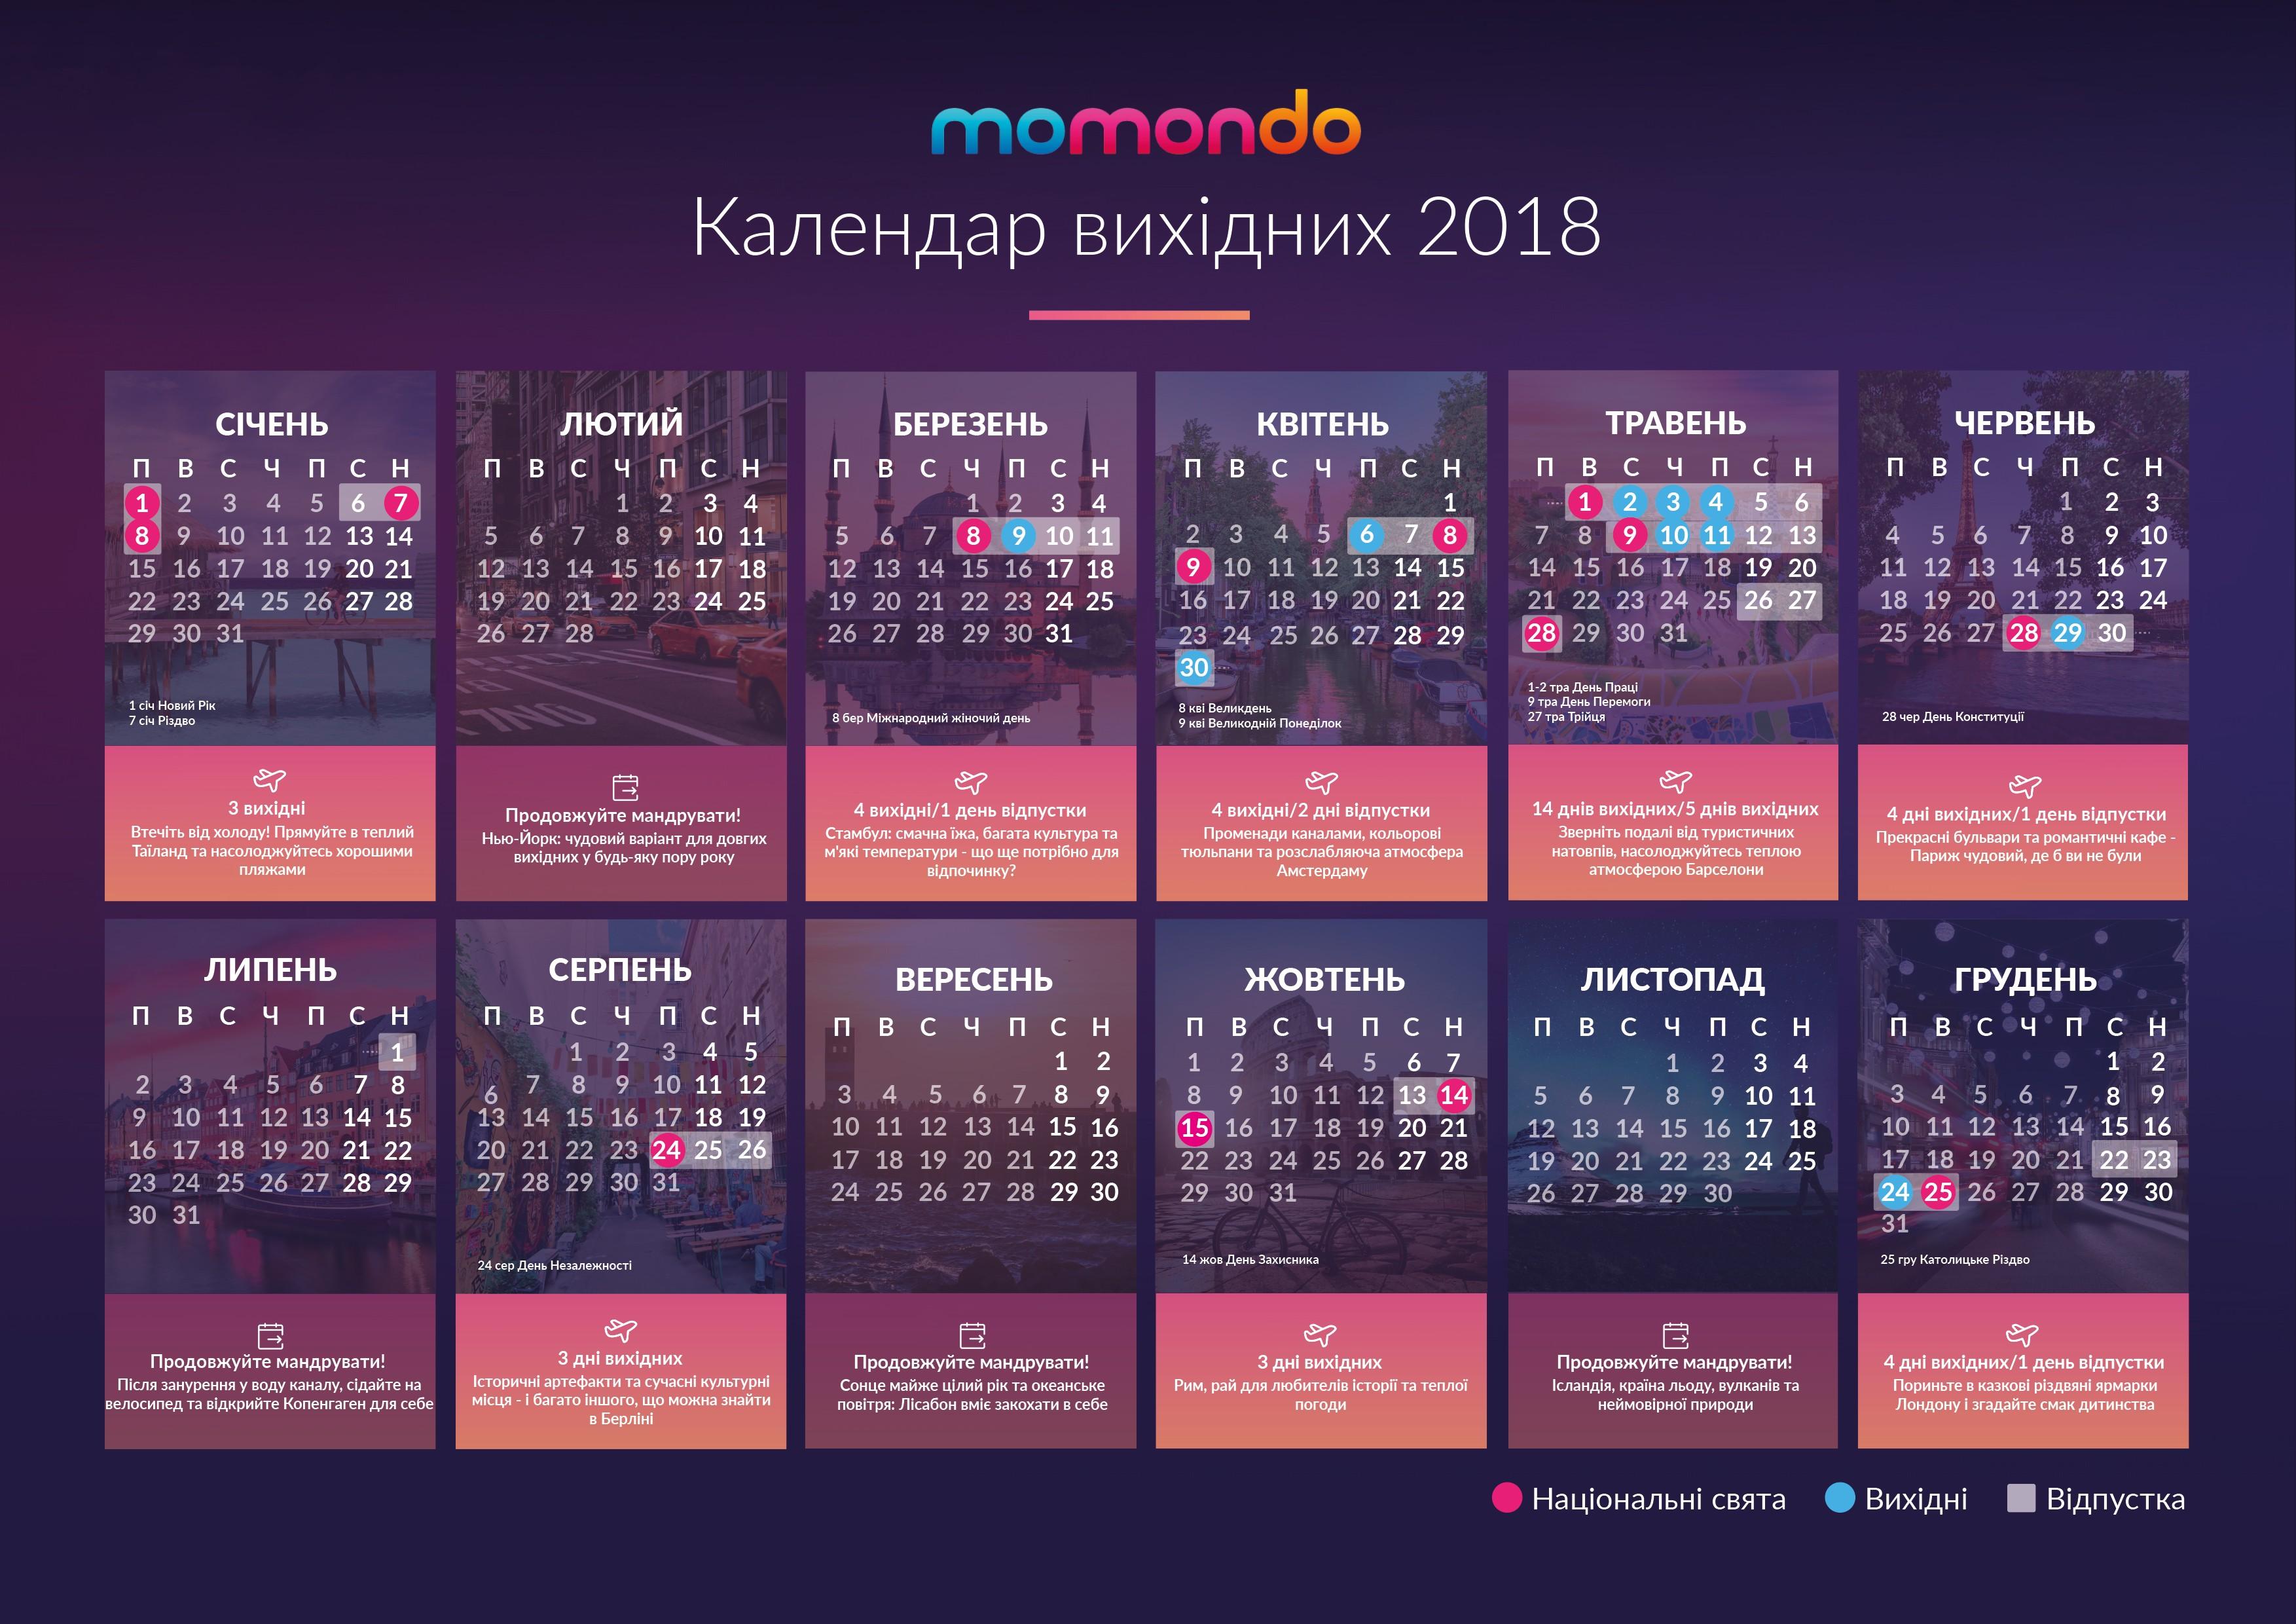 В Україні у 2018 році буде 11 святкових і неробочих днів Даємо поради як мати ціРих 40 днів відпустки беручи тіРьки 10 вихідних